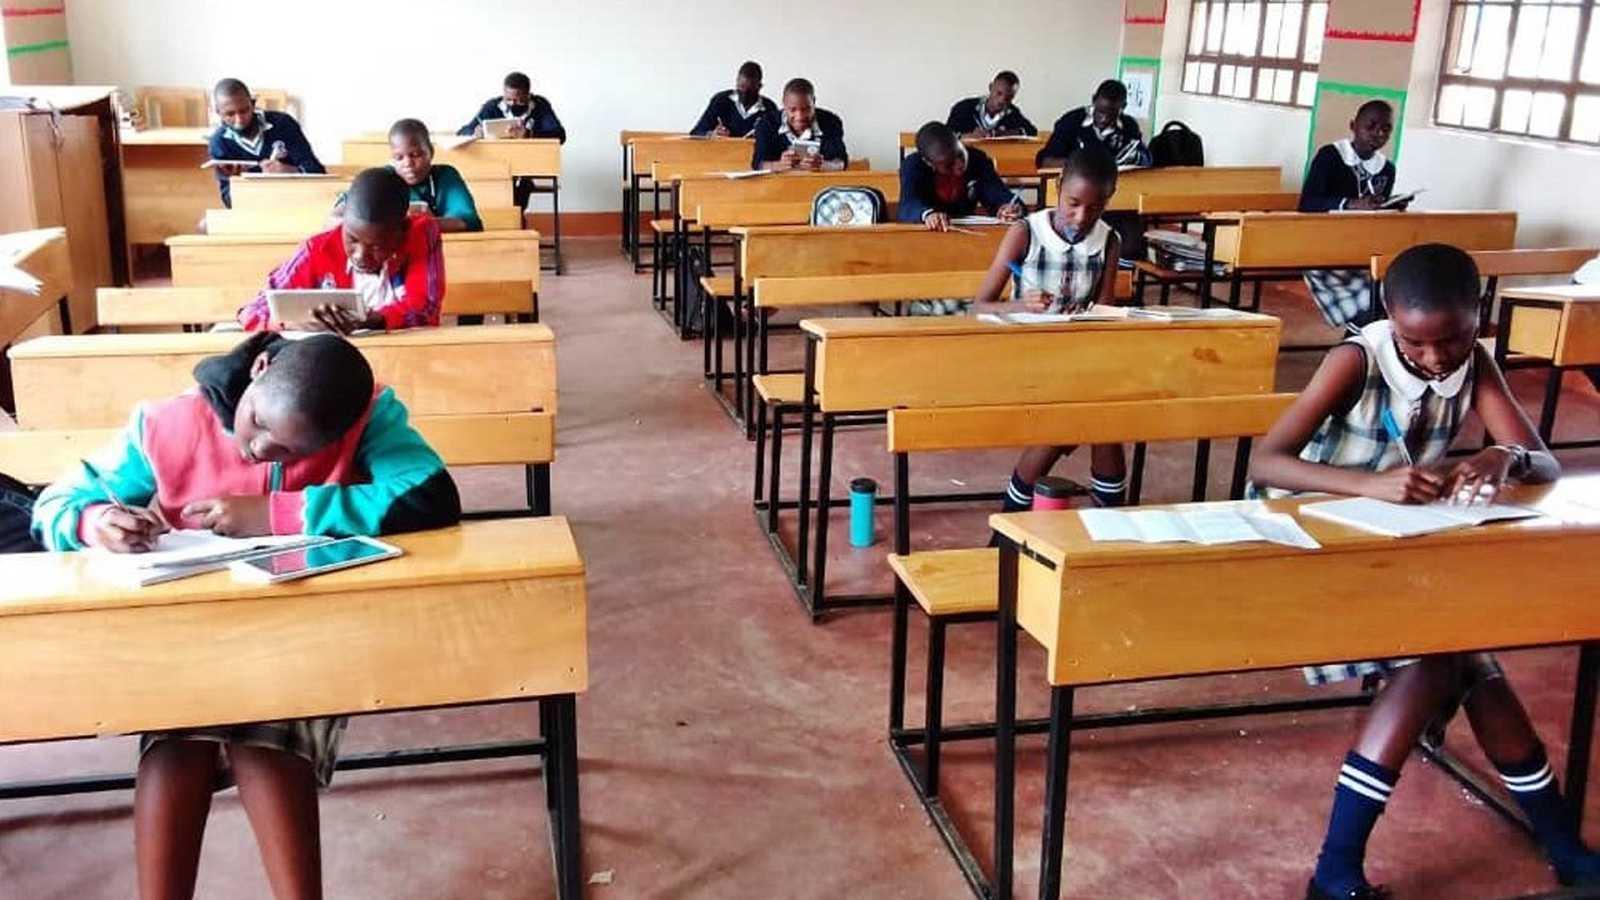 África hoy - Proyectos en África para 2021, de la ONG Misiones Salesianas - 15/02/21 - escuchar ahora